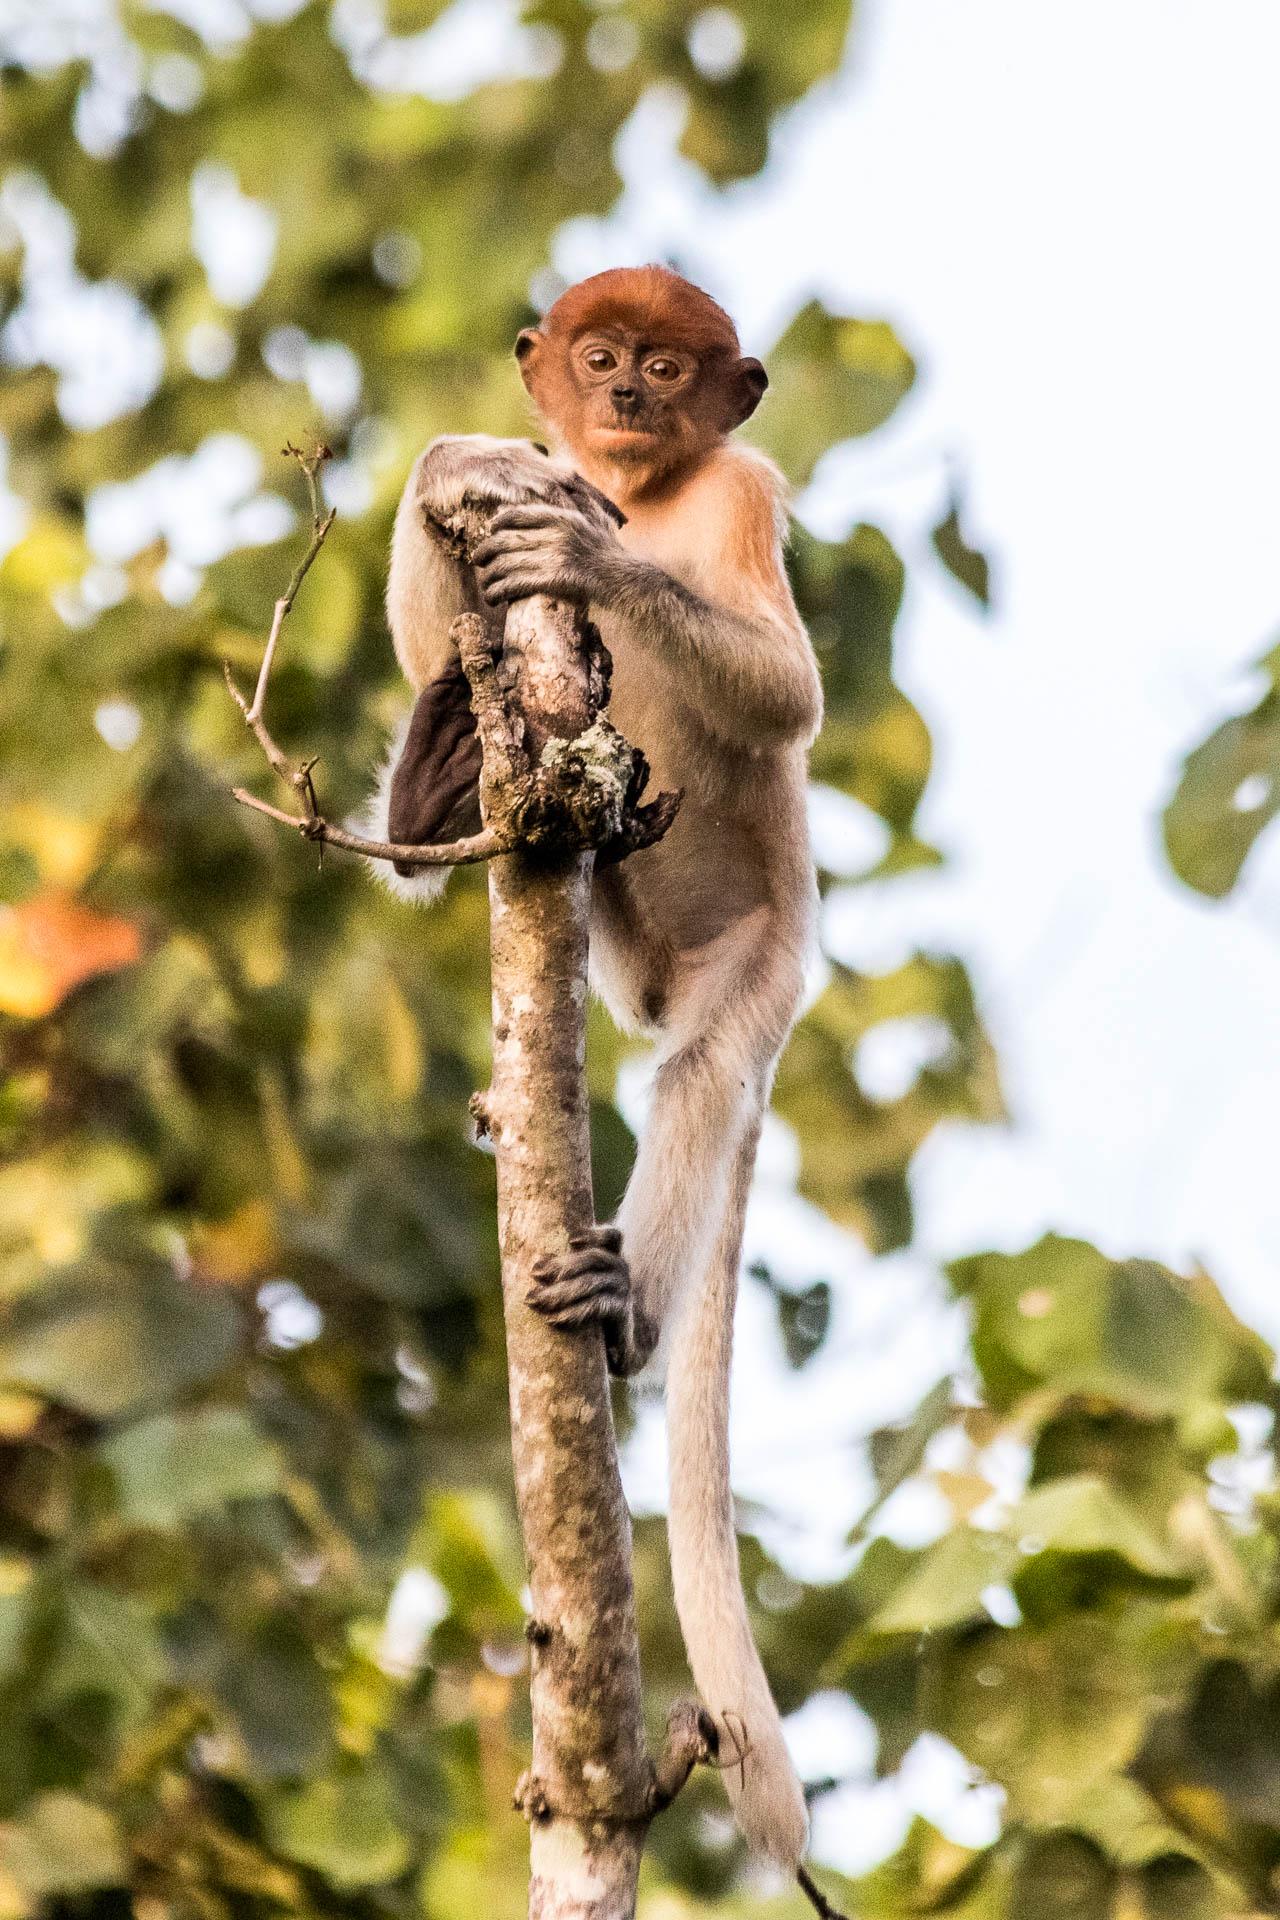 Picture of proboscis monkey.